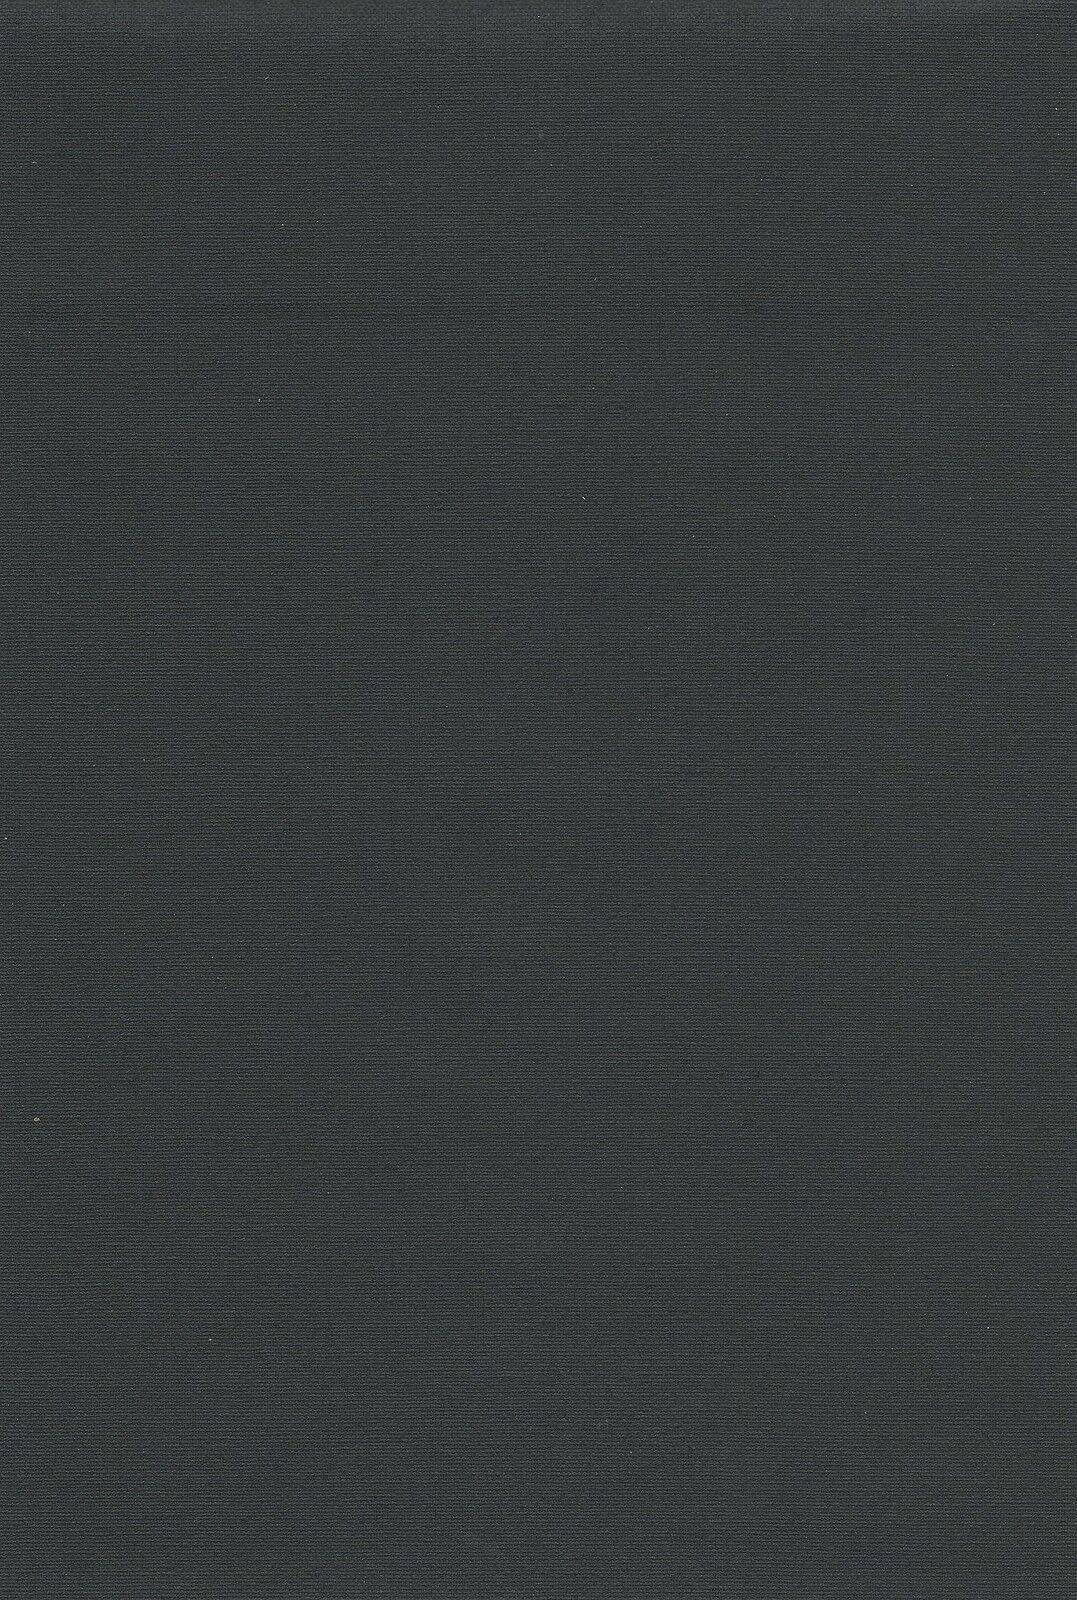 Mittelzugrollo Schnapprollo Springrollo Jalousie Jalousie Jalousie Fenster Rollo Schwarz 60-240 cm | Up-to-date-styling  741e04